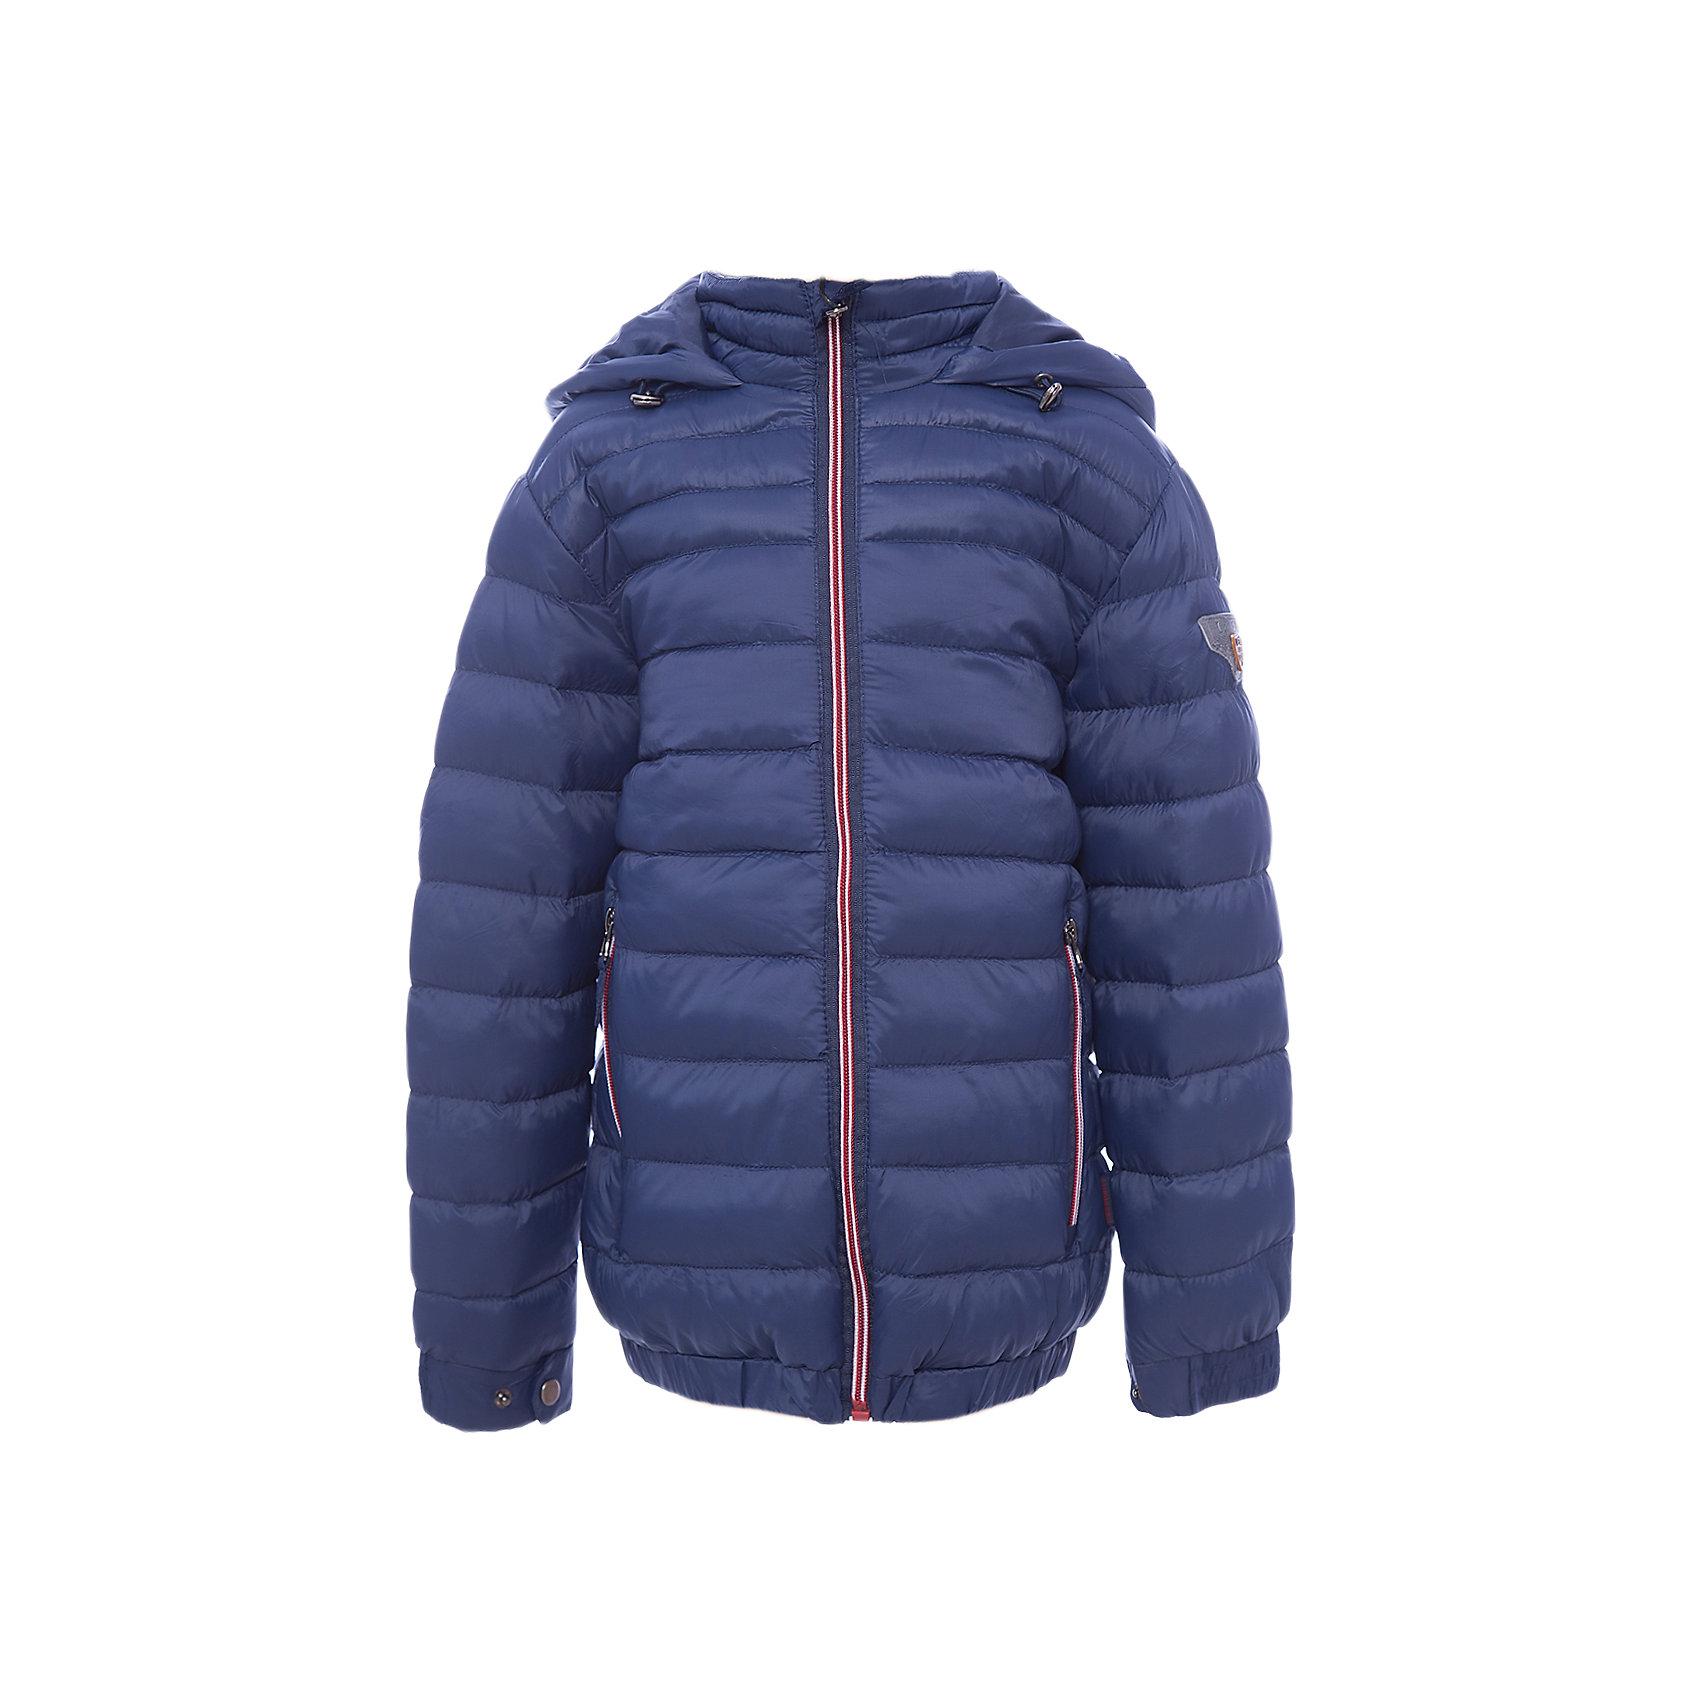 Куртка Luminoso для мальчикаВерхняя одежда<br>Куртка Luminoso для мальчика<br><br>Состав:<br>Верх: 100% нейлон Подкладка: 100% полиэстер Наполнитель 100% полиэстер<br><br>Ширина мм: 356<br>Глубина мм: 10<br>Высота мм: 245<br>Вес г: 519<br>Цвет: синий<br>Возраст от месяцев: 96<br>Возраст до месяцев: 108<br>Пол: Мужской<br>Возраст: Детский<br>Размер: 134,140,146,152,158,164<br>SKU: 7097089